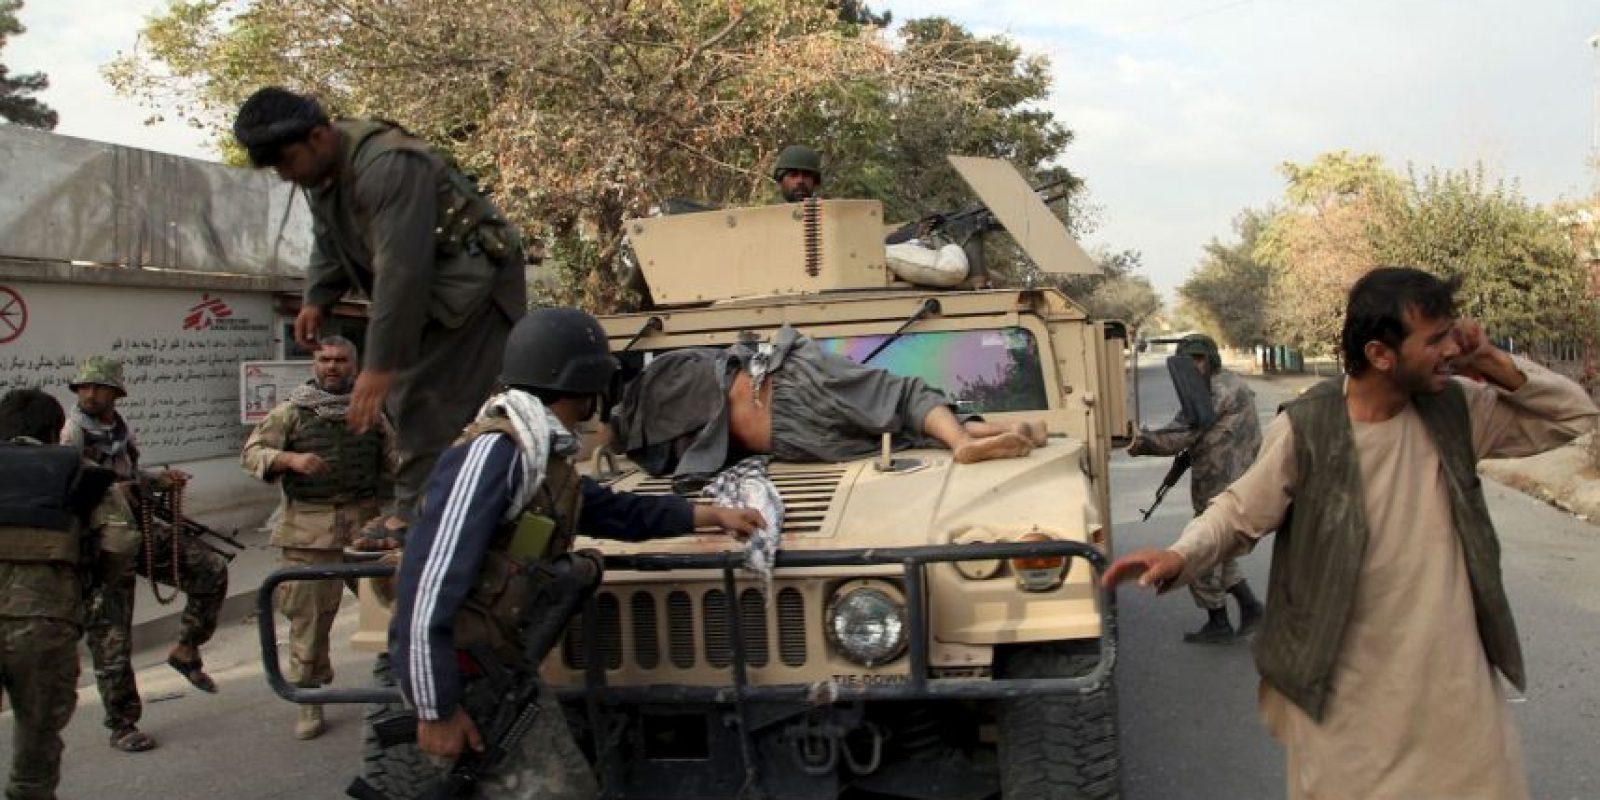 """Los médicos han señalado al ataque en Kunduz como un posible """"crimen de guerra"""". Foto:AP"""